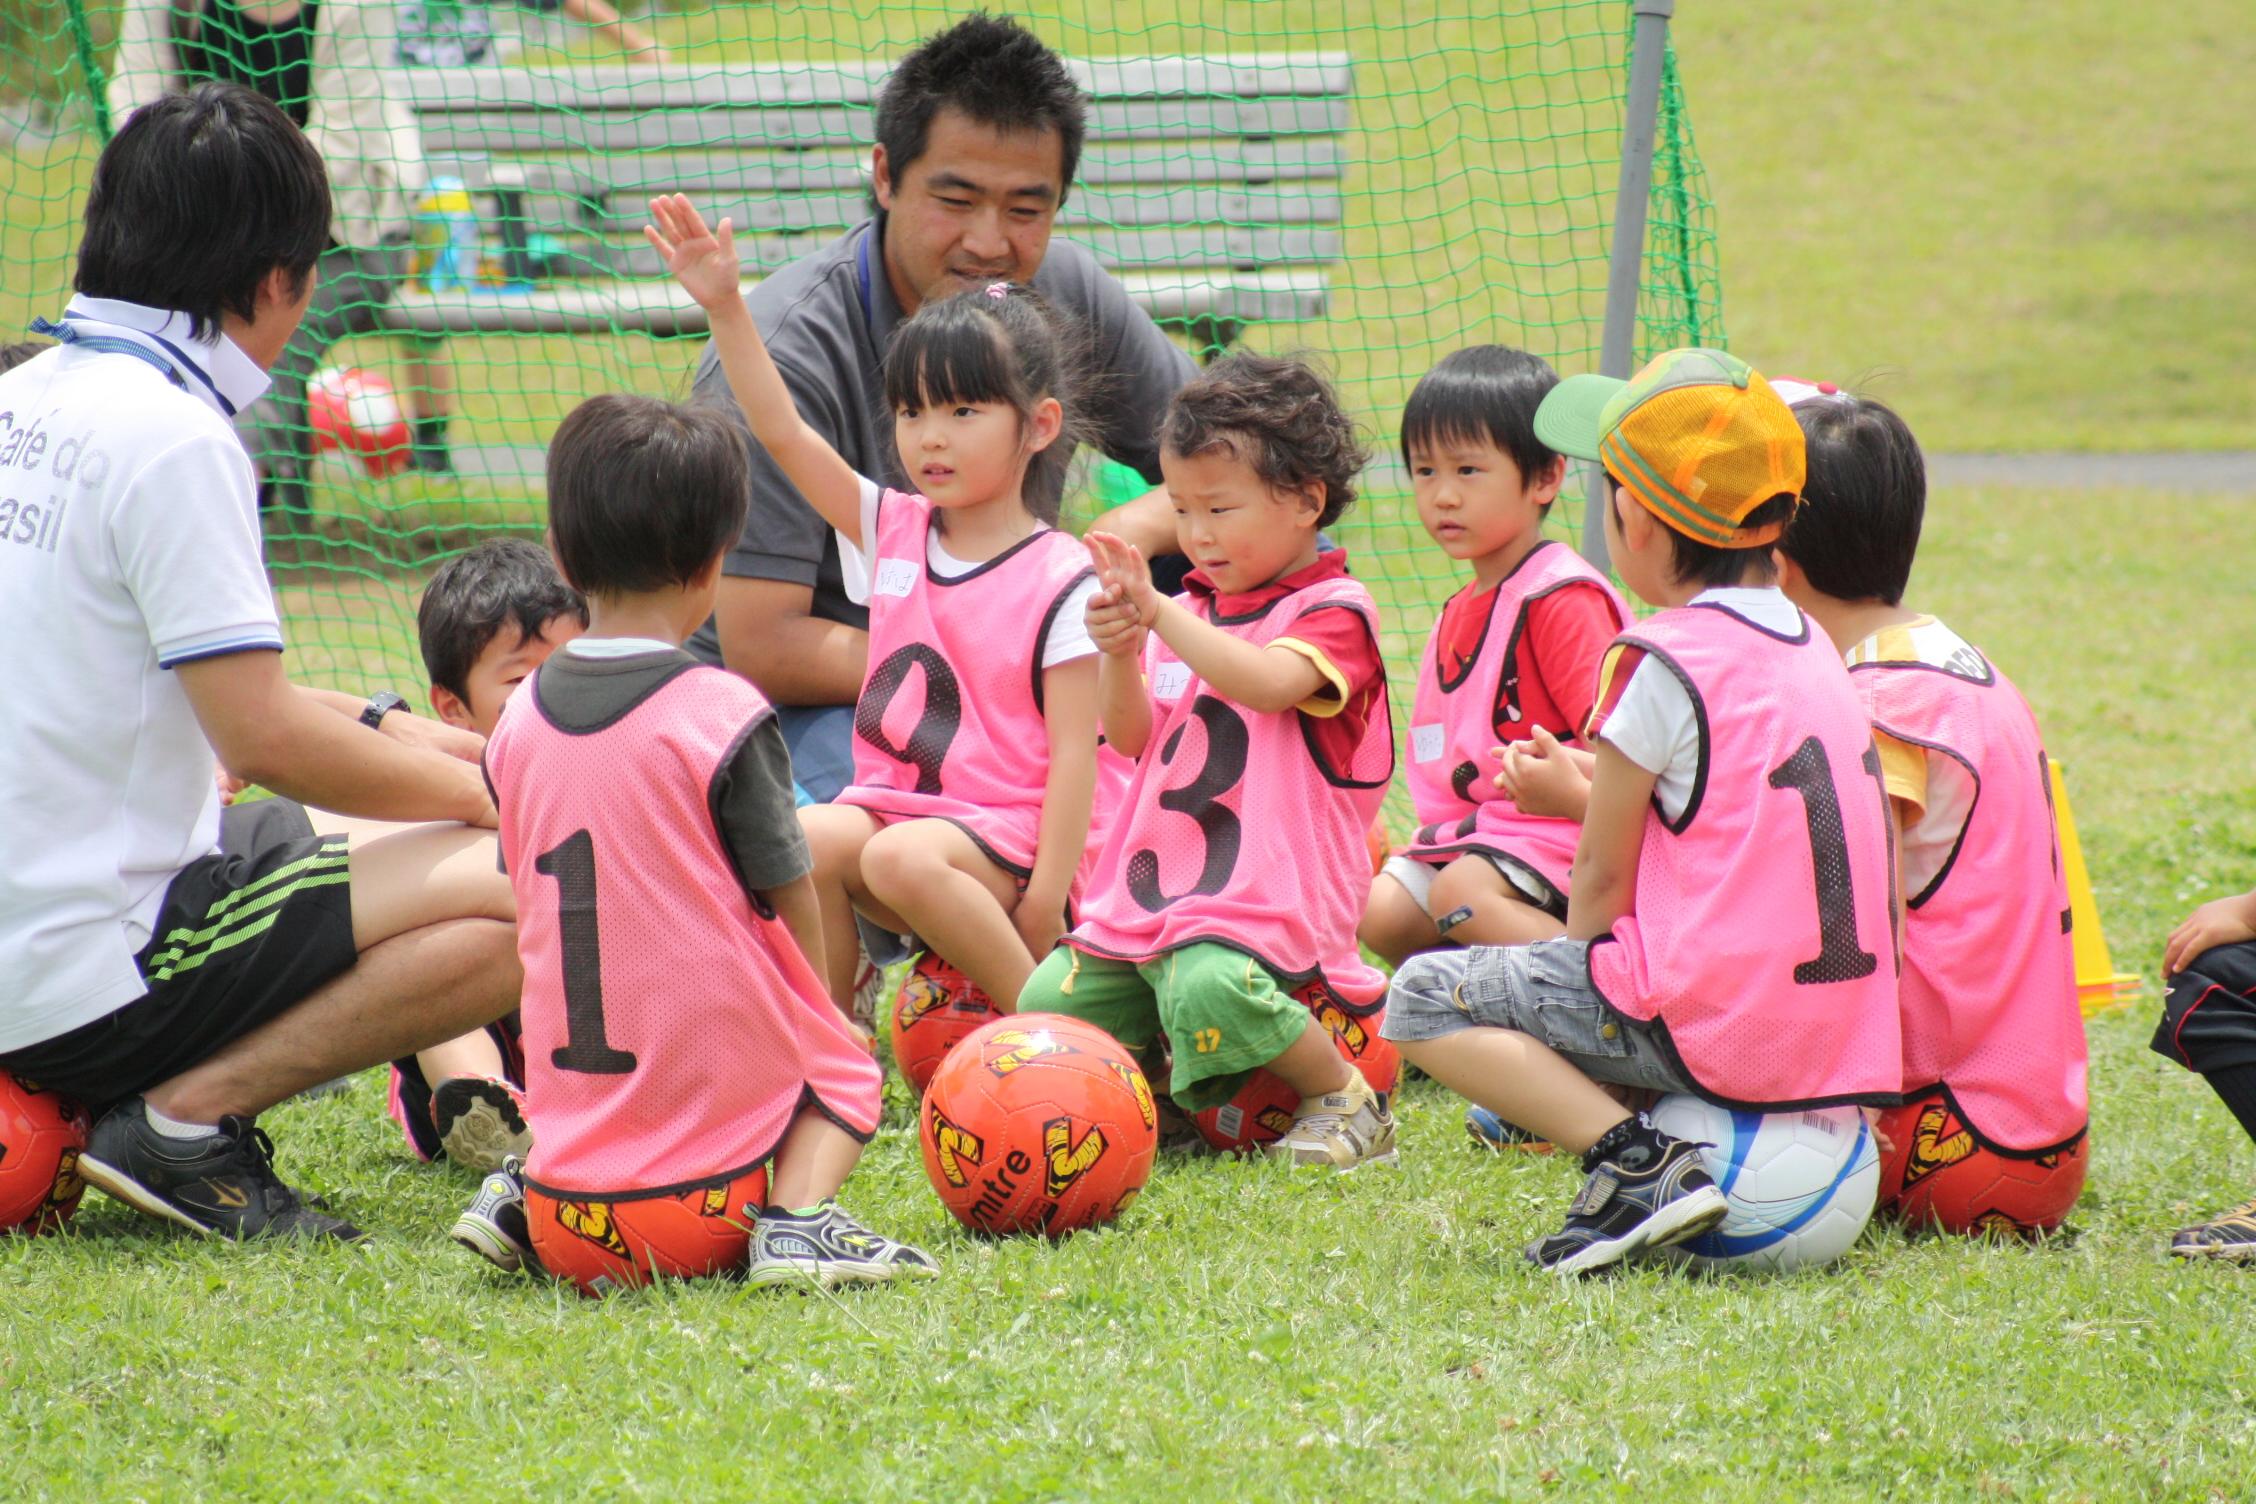 スフィーダサッカースクール新三郷サッカーチーム